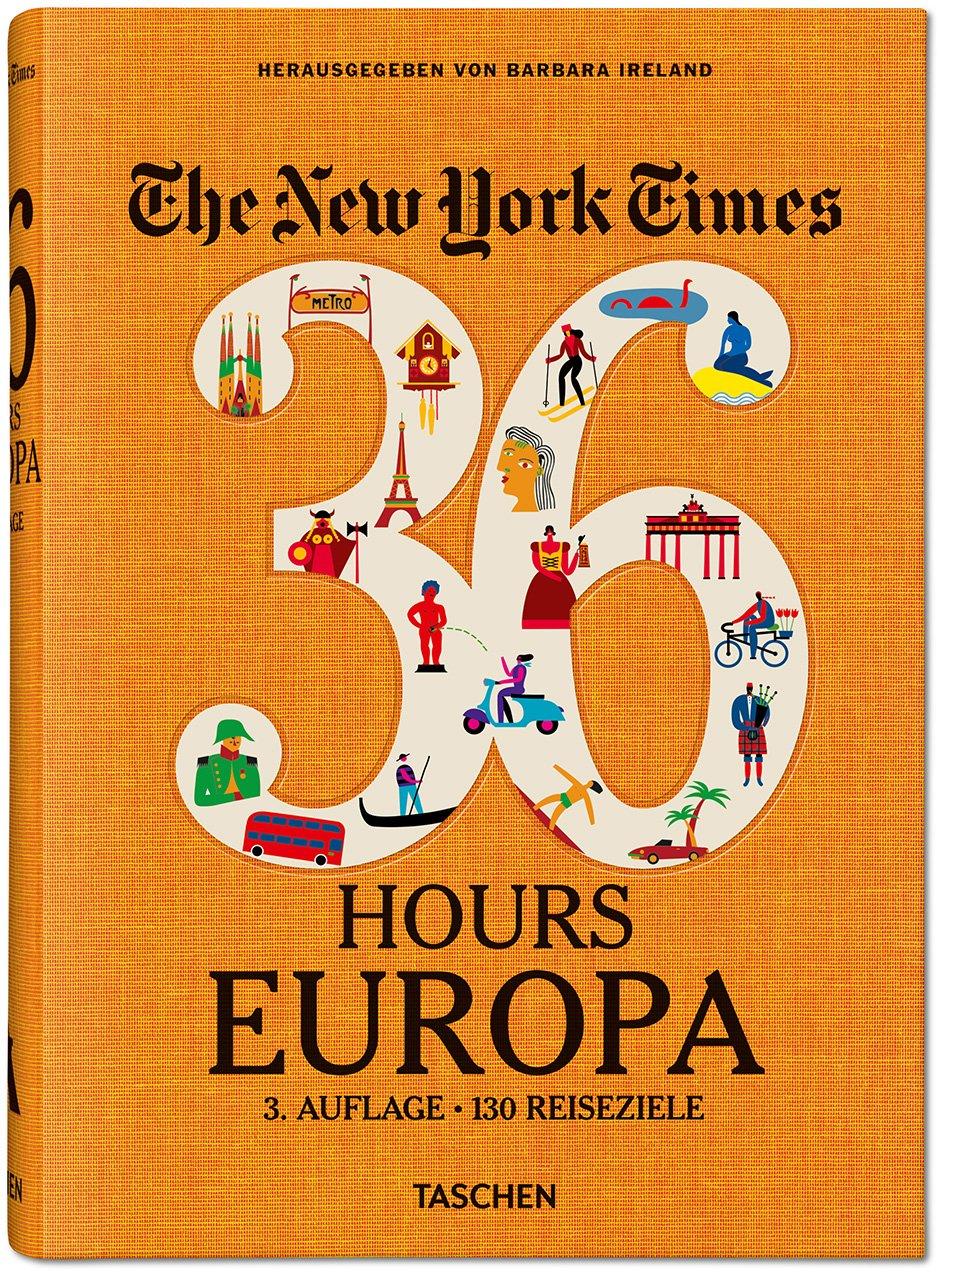 The New York Times. 36 Hours Europa, 3. Auflage, herausgegeben von Barbara Ireland.